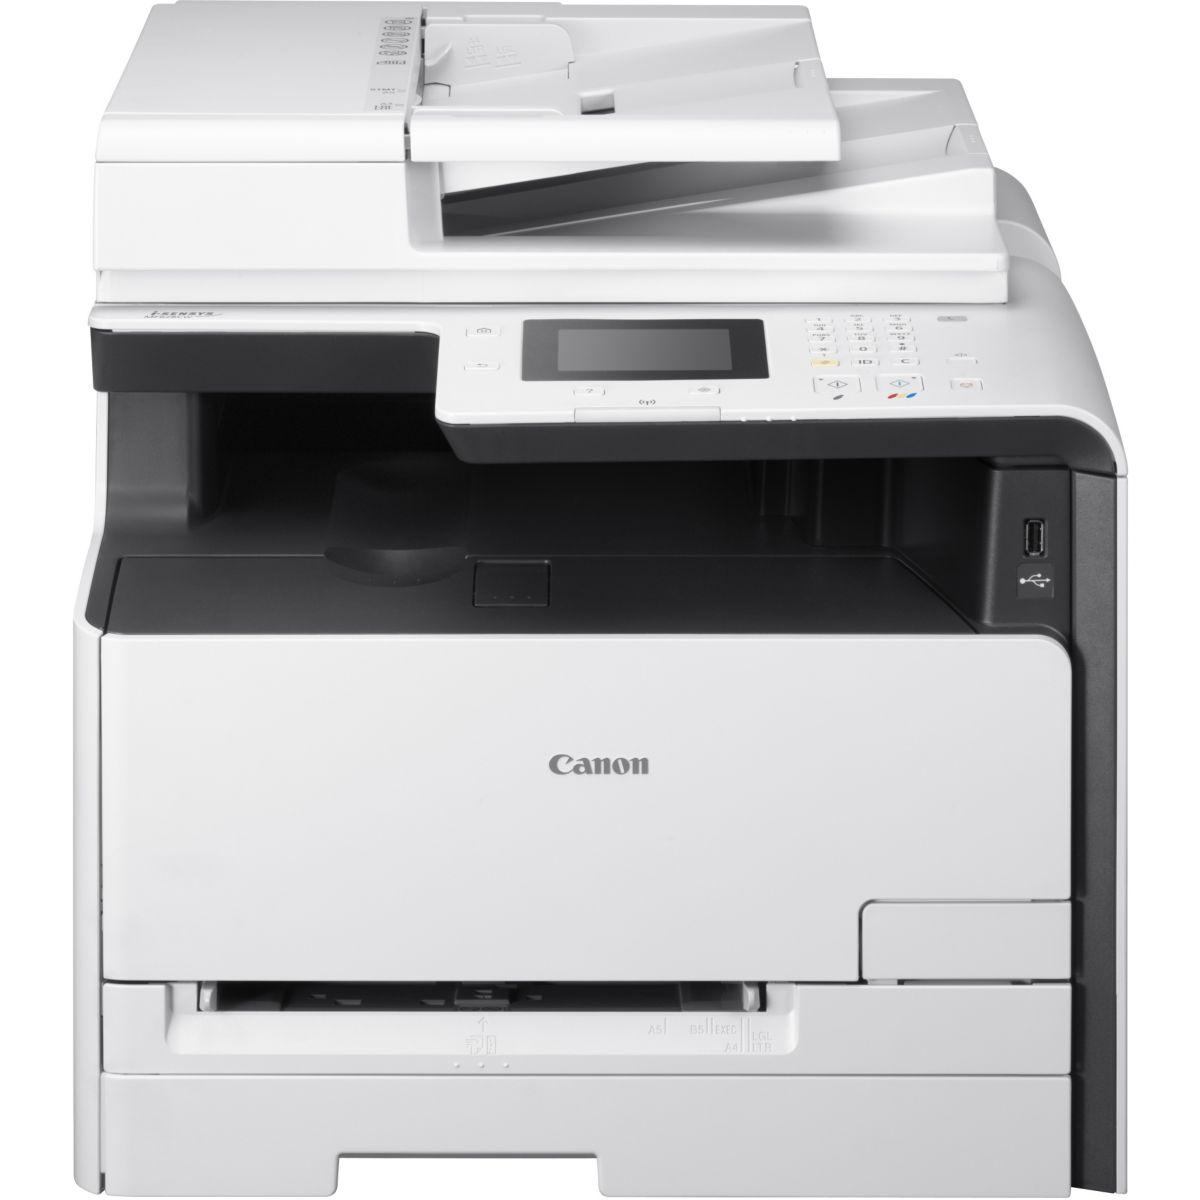 Imprimante multifonction laser couleur canon mf628cw - soldes et bons plans